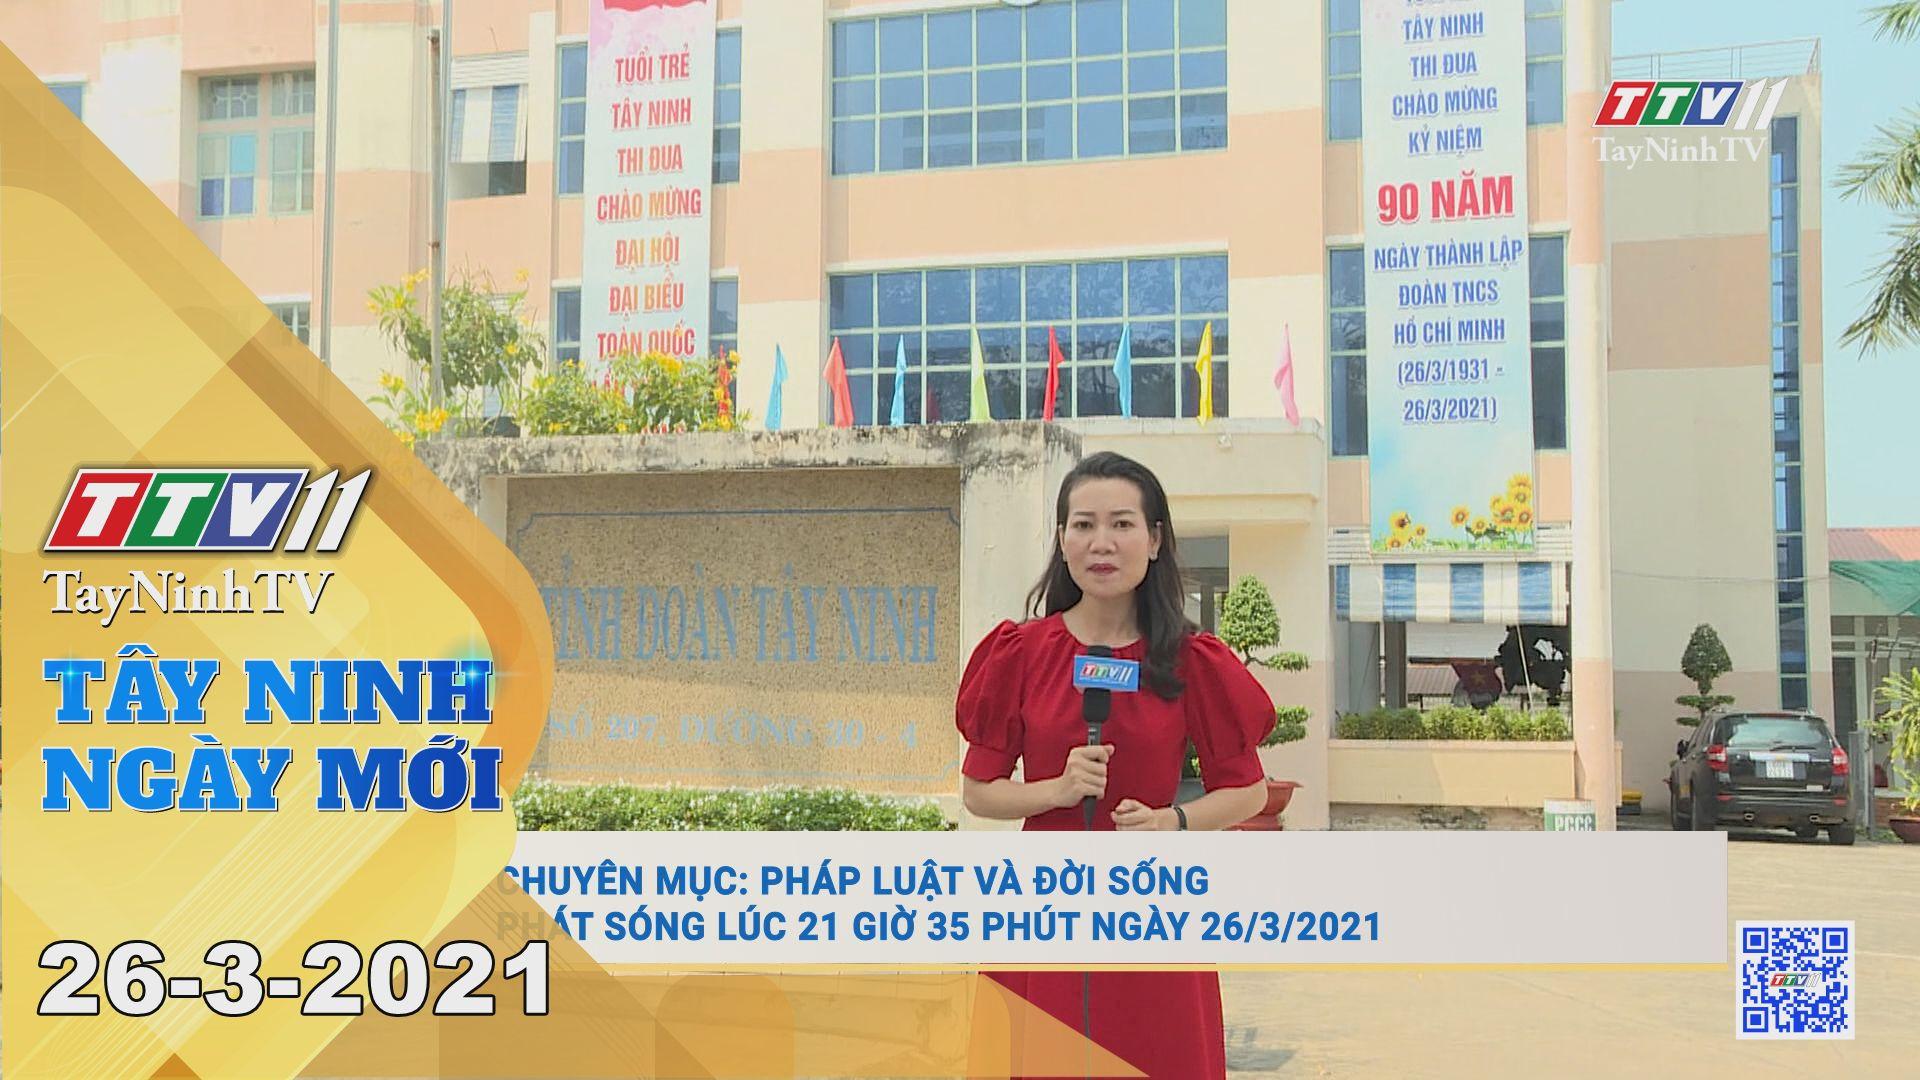 Tây Ninh Ngày Mới 26-3-2021 | Tin tức hôm nay | TayNinhTV